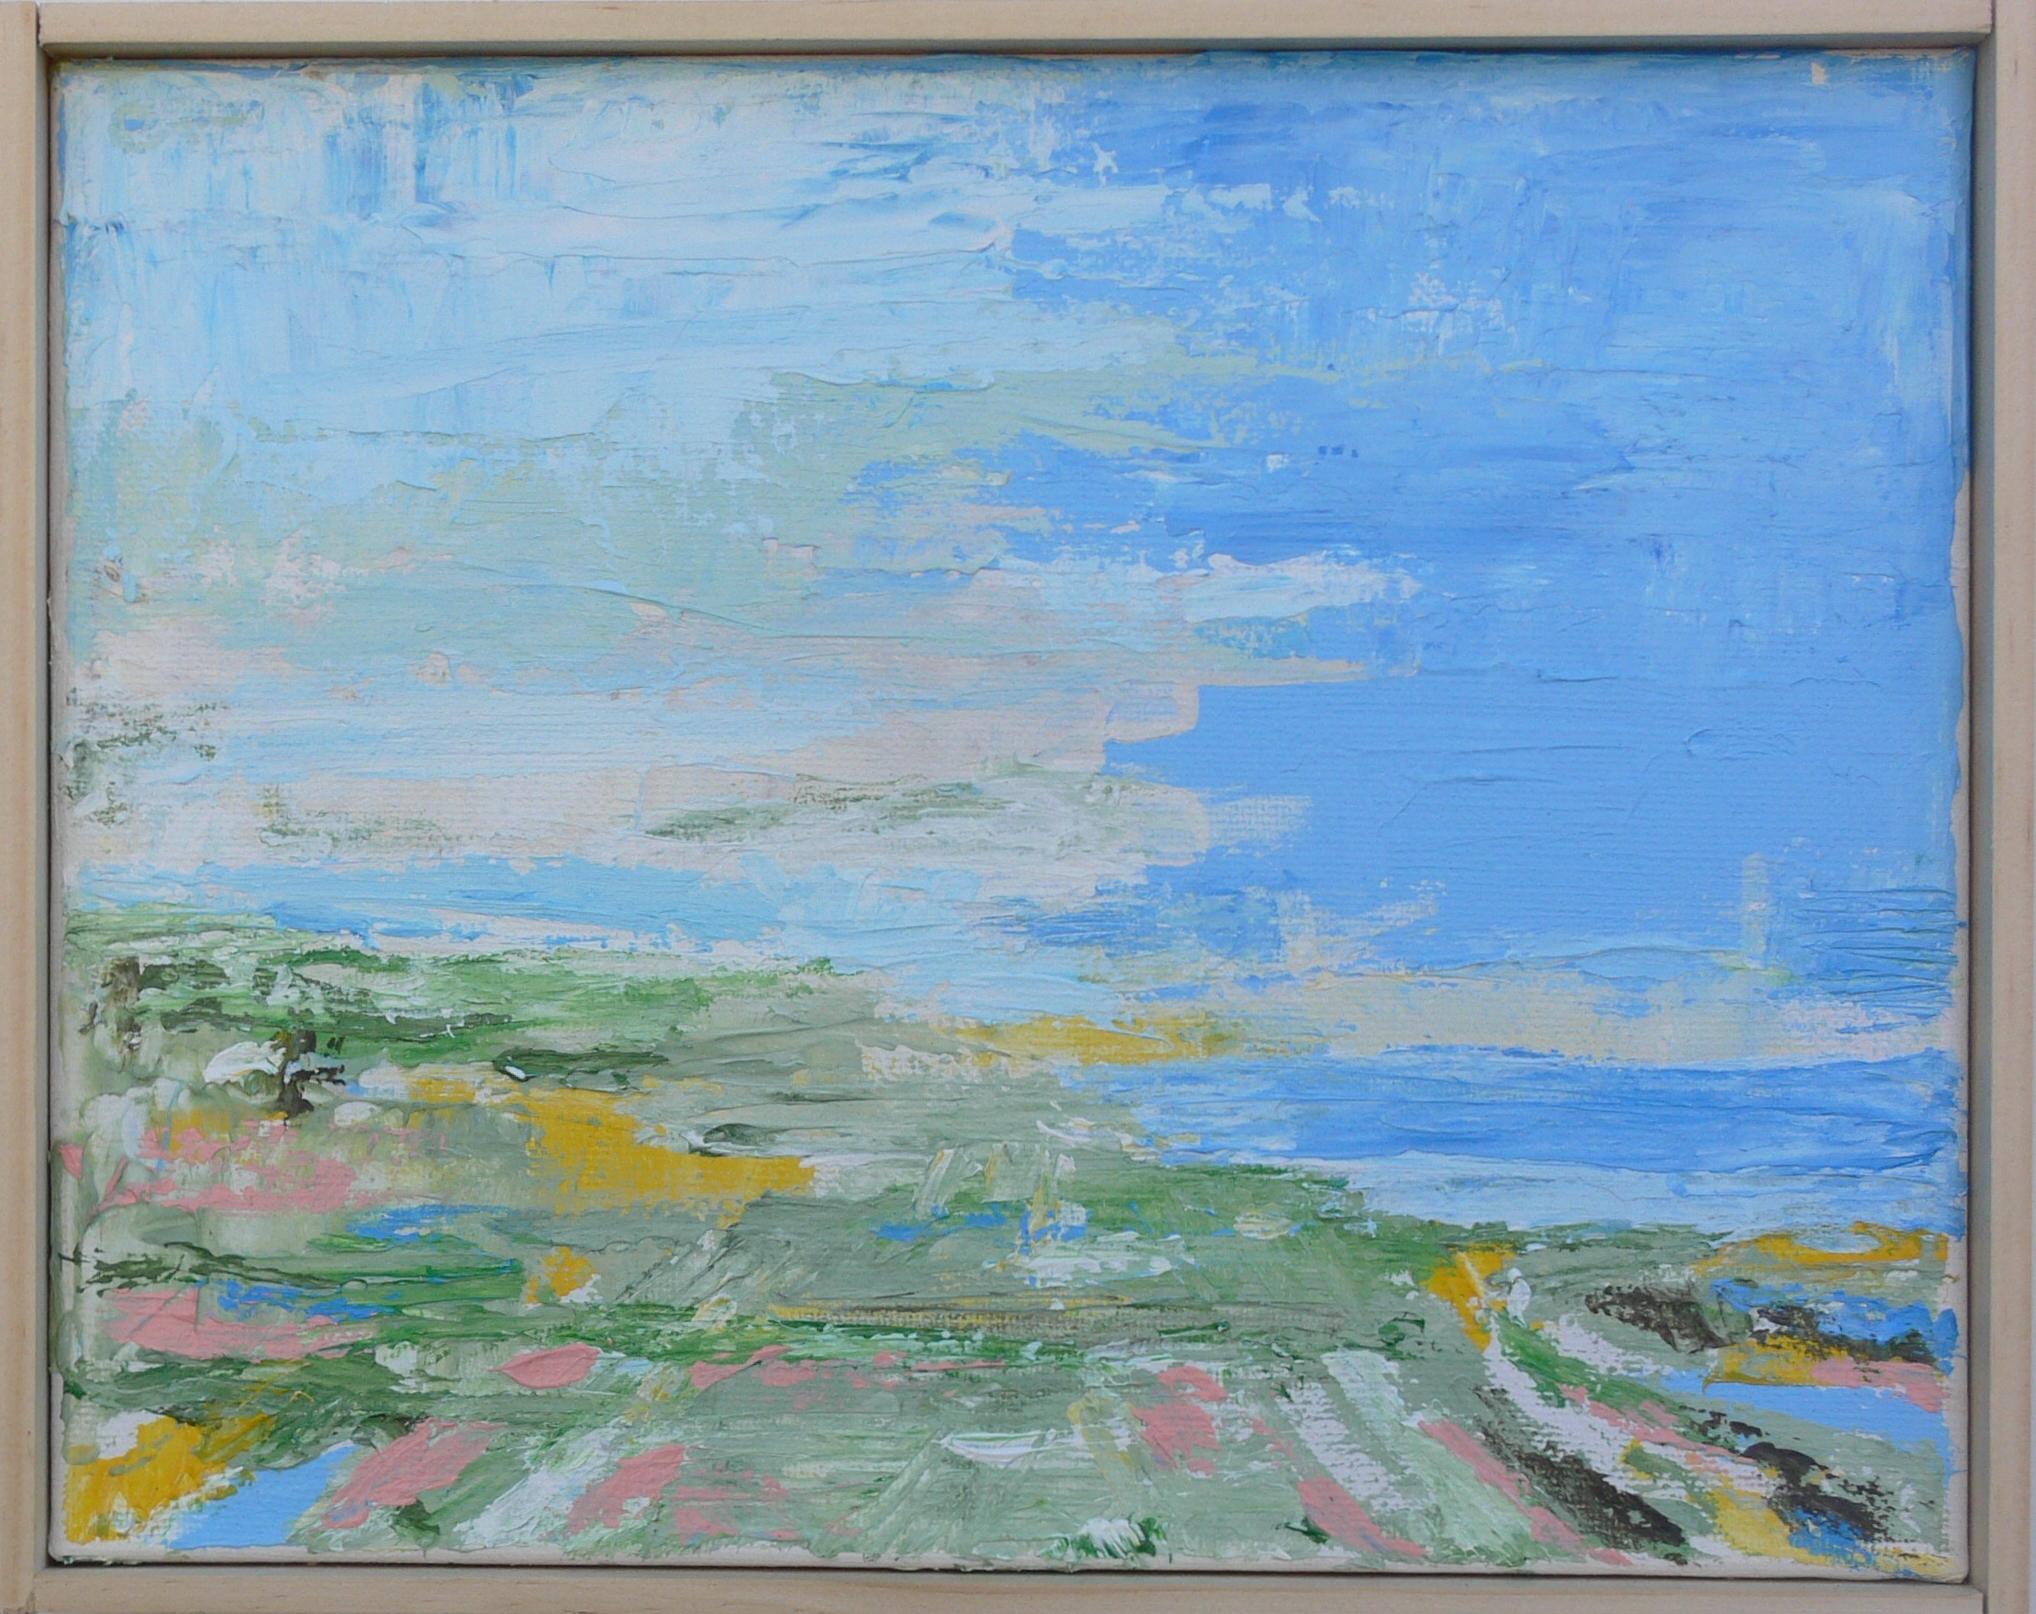 Plain to Sea, Greyish Sky, Acrylic  on Canvas, 8x10in